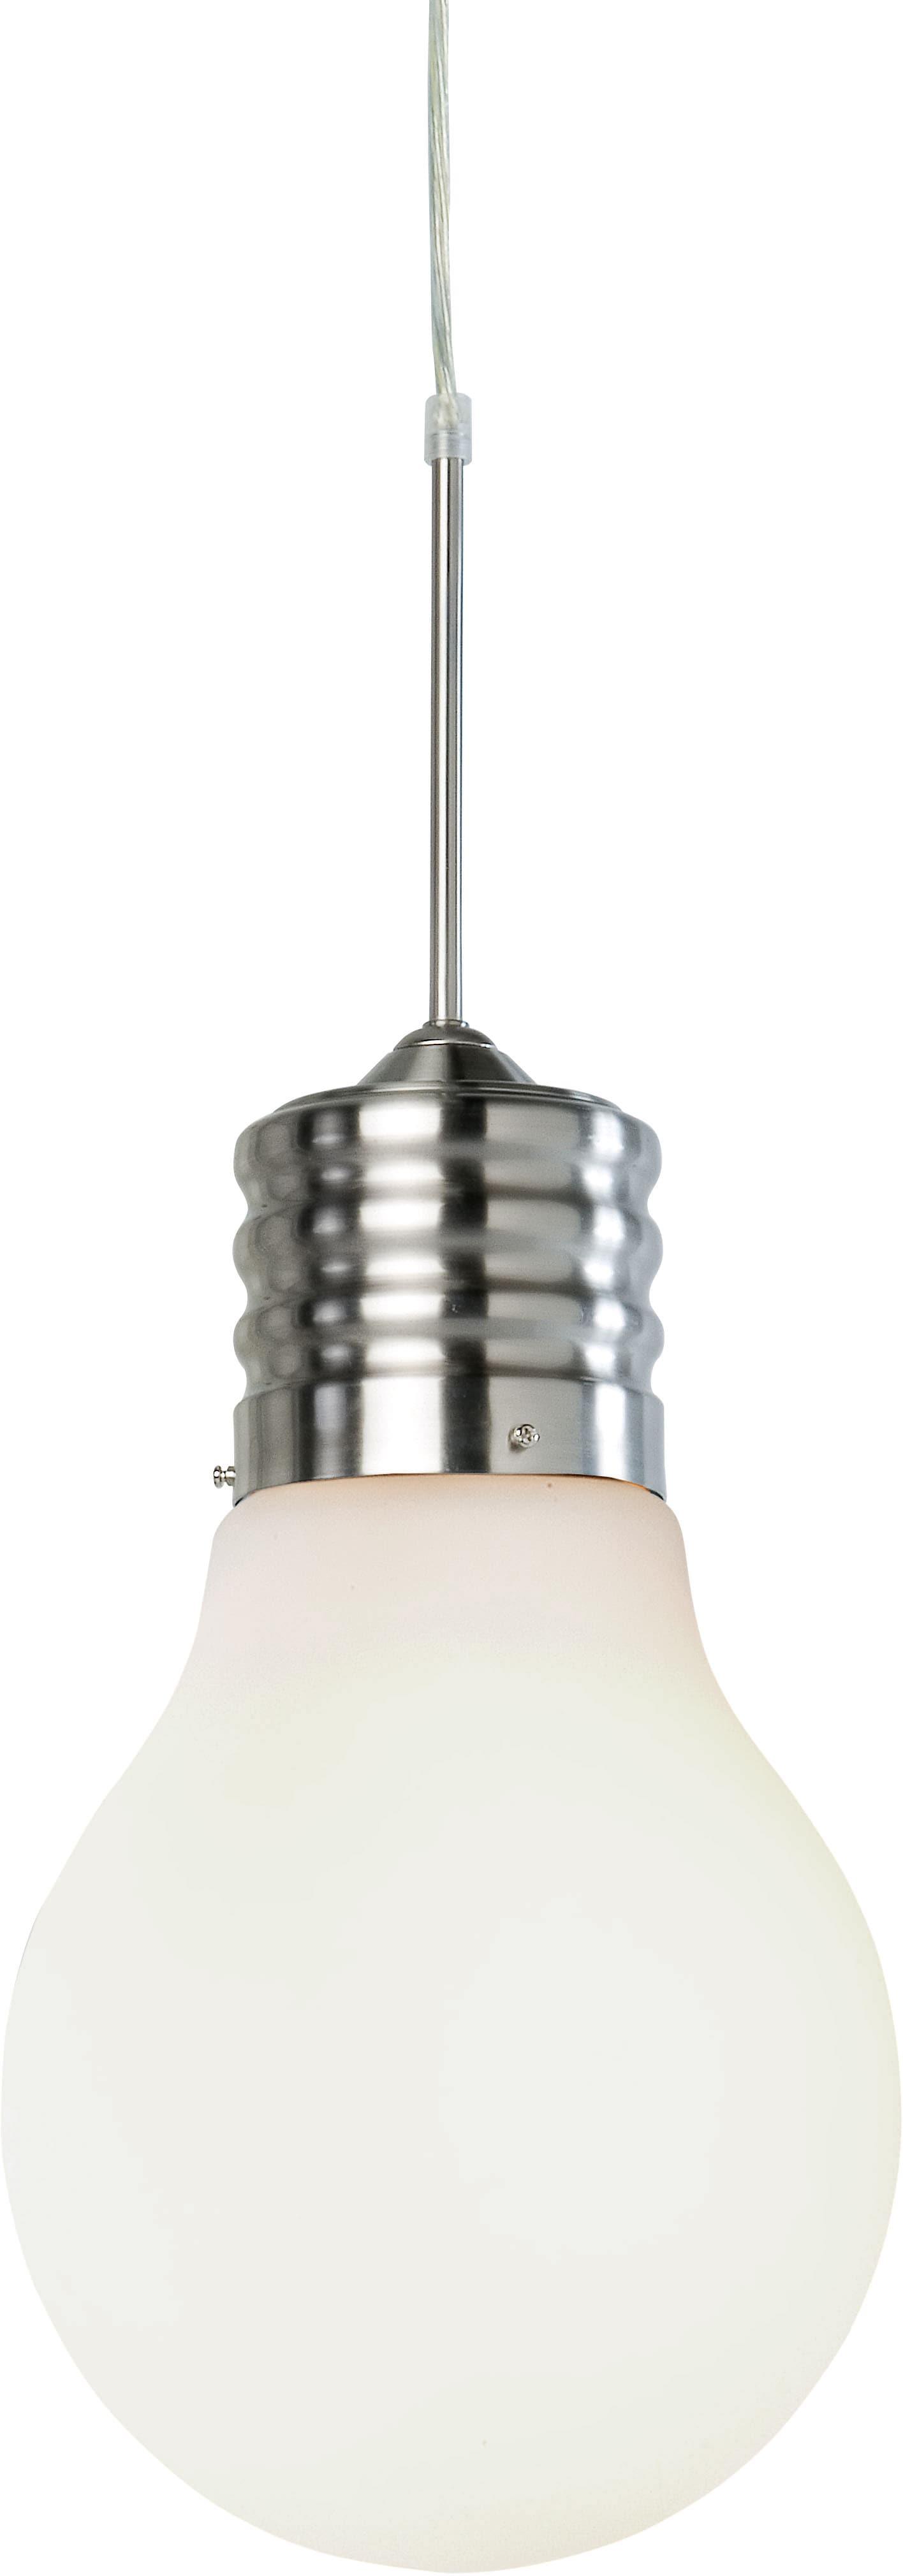 Nino Leuchten Pendelleuchte LUCE, E27, Hängeleuchte, Hängelampe